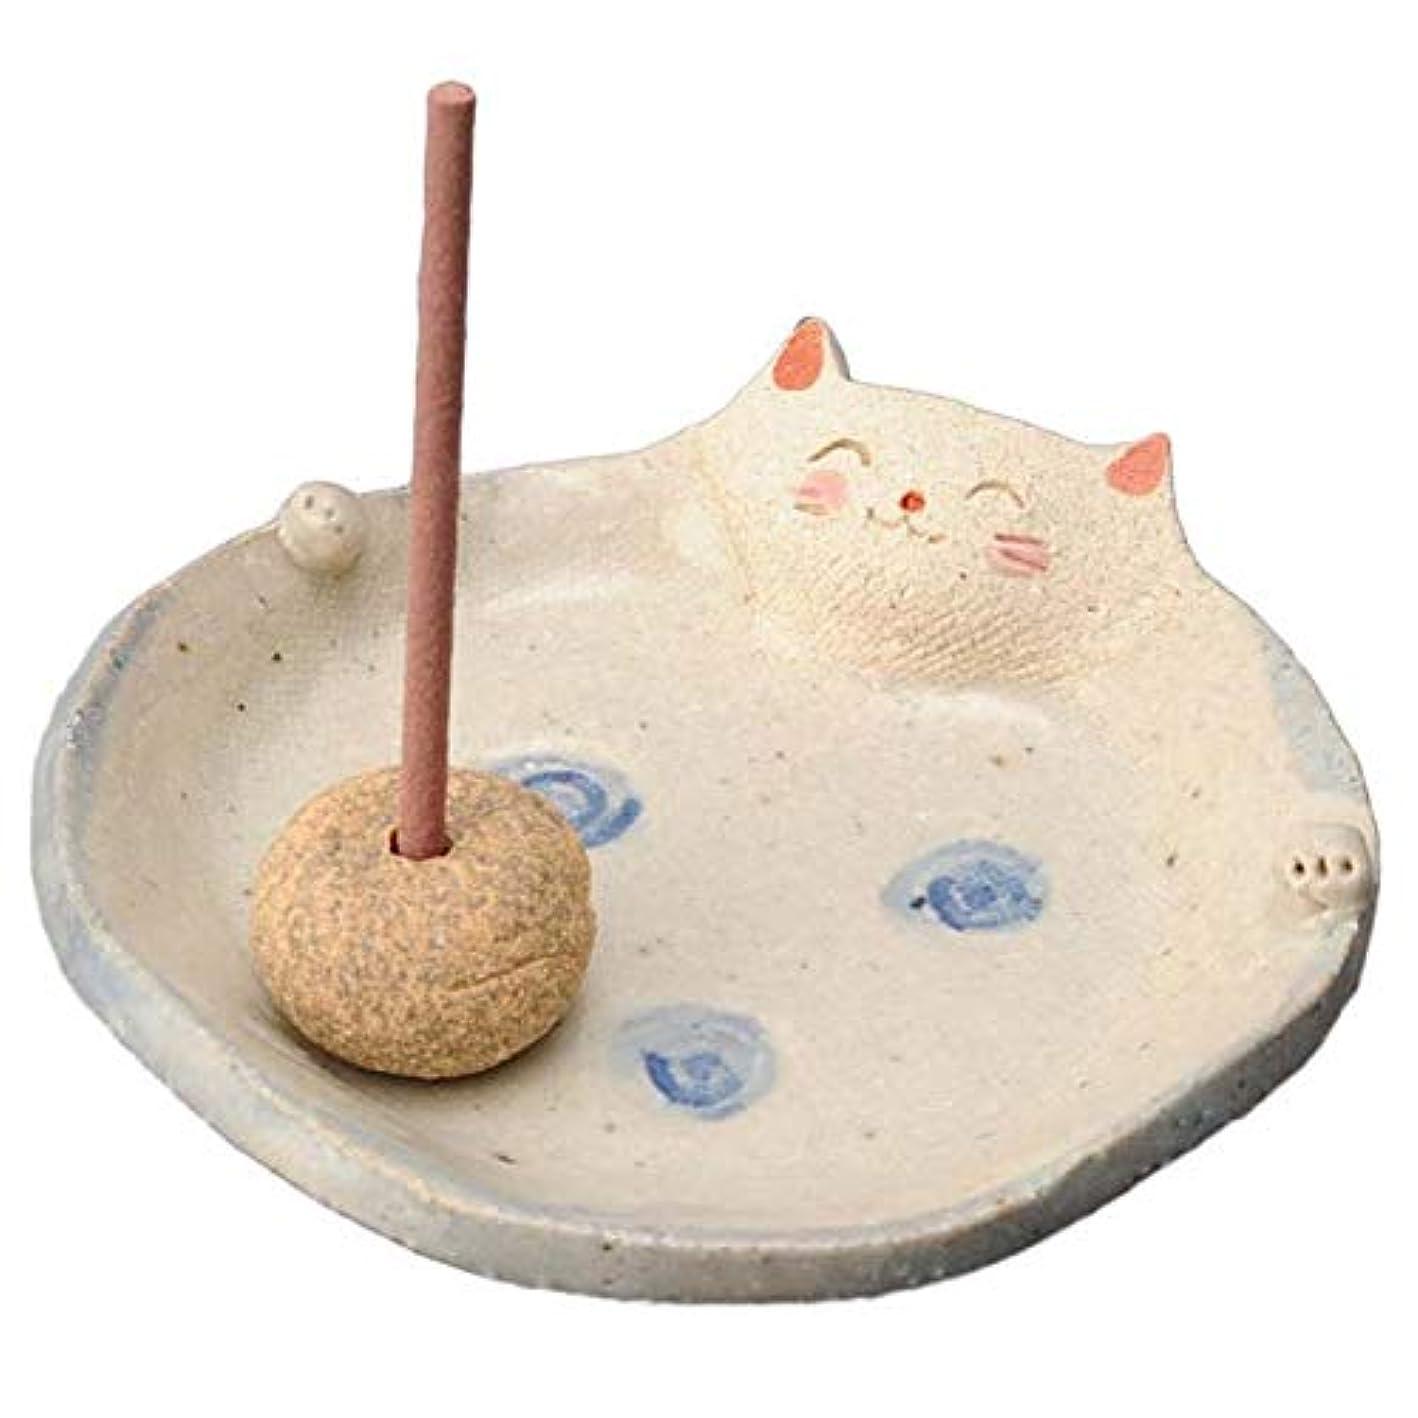 いっぱいホイッスル船手造り 香皿 香立て/ふっくら 香皿(ネコ) /香り アロマ 癒やし リラックス インテリア プレゼント 贈り物